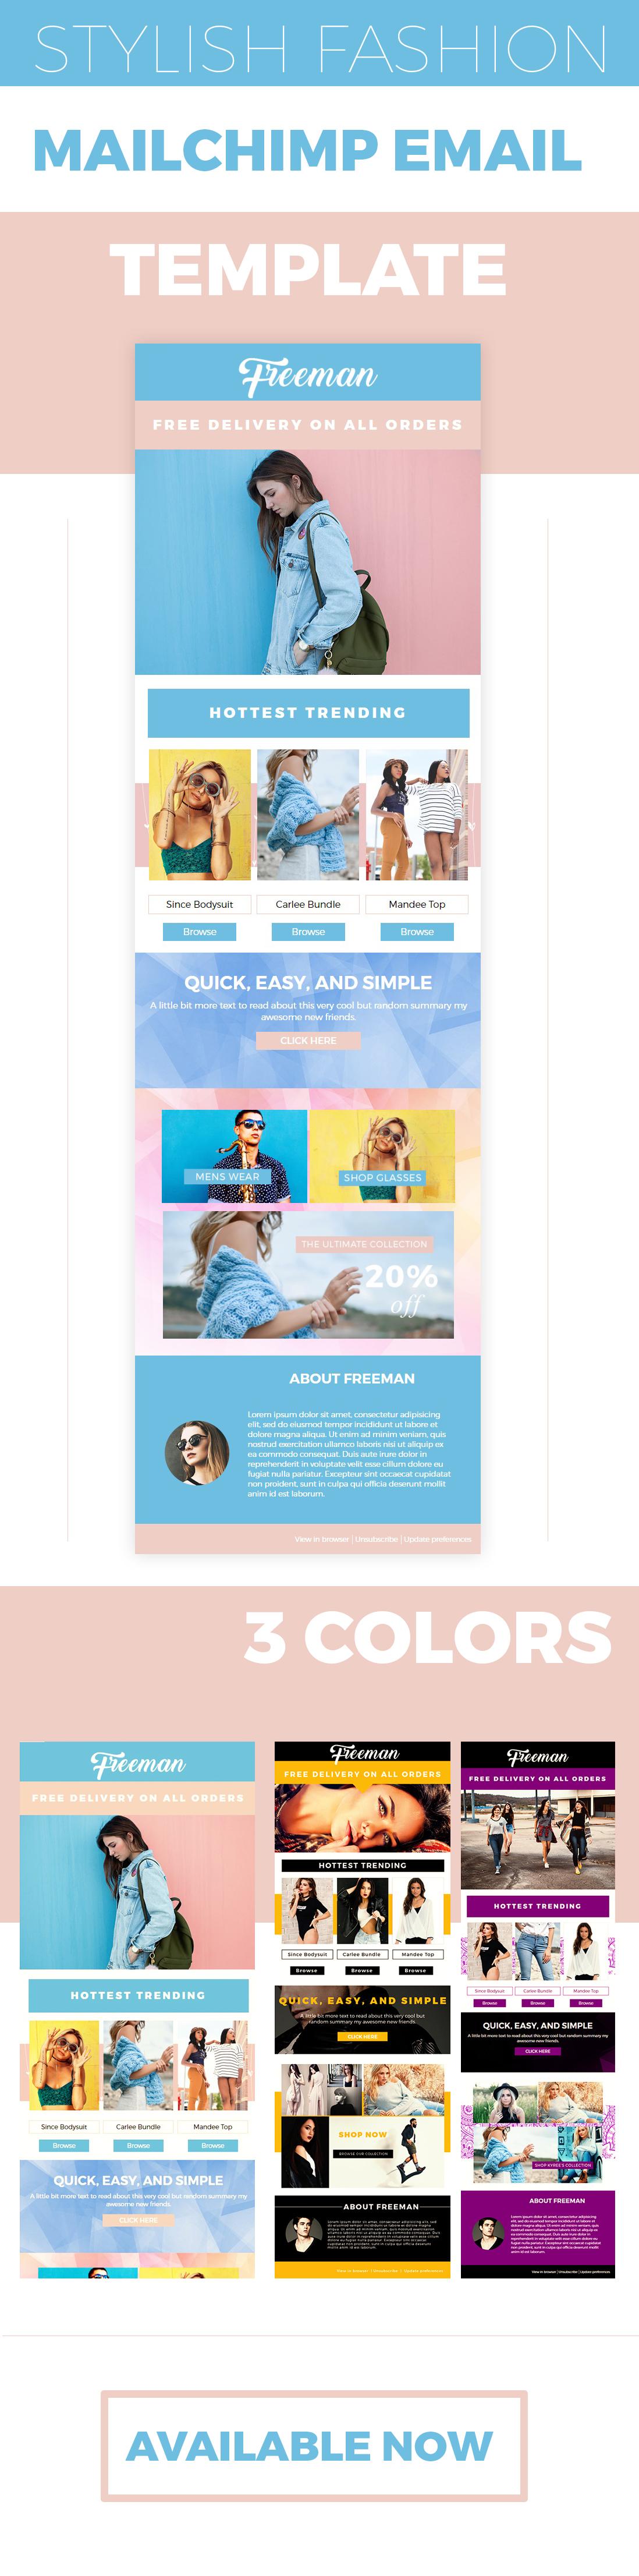 Unique Mailchimp Html Templates Picture Collection - Professional ...